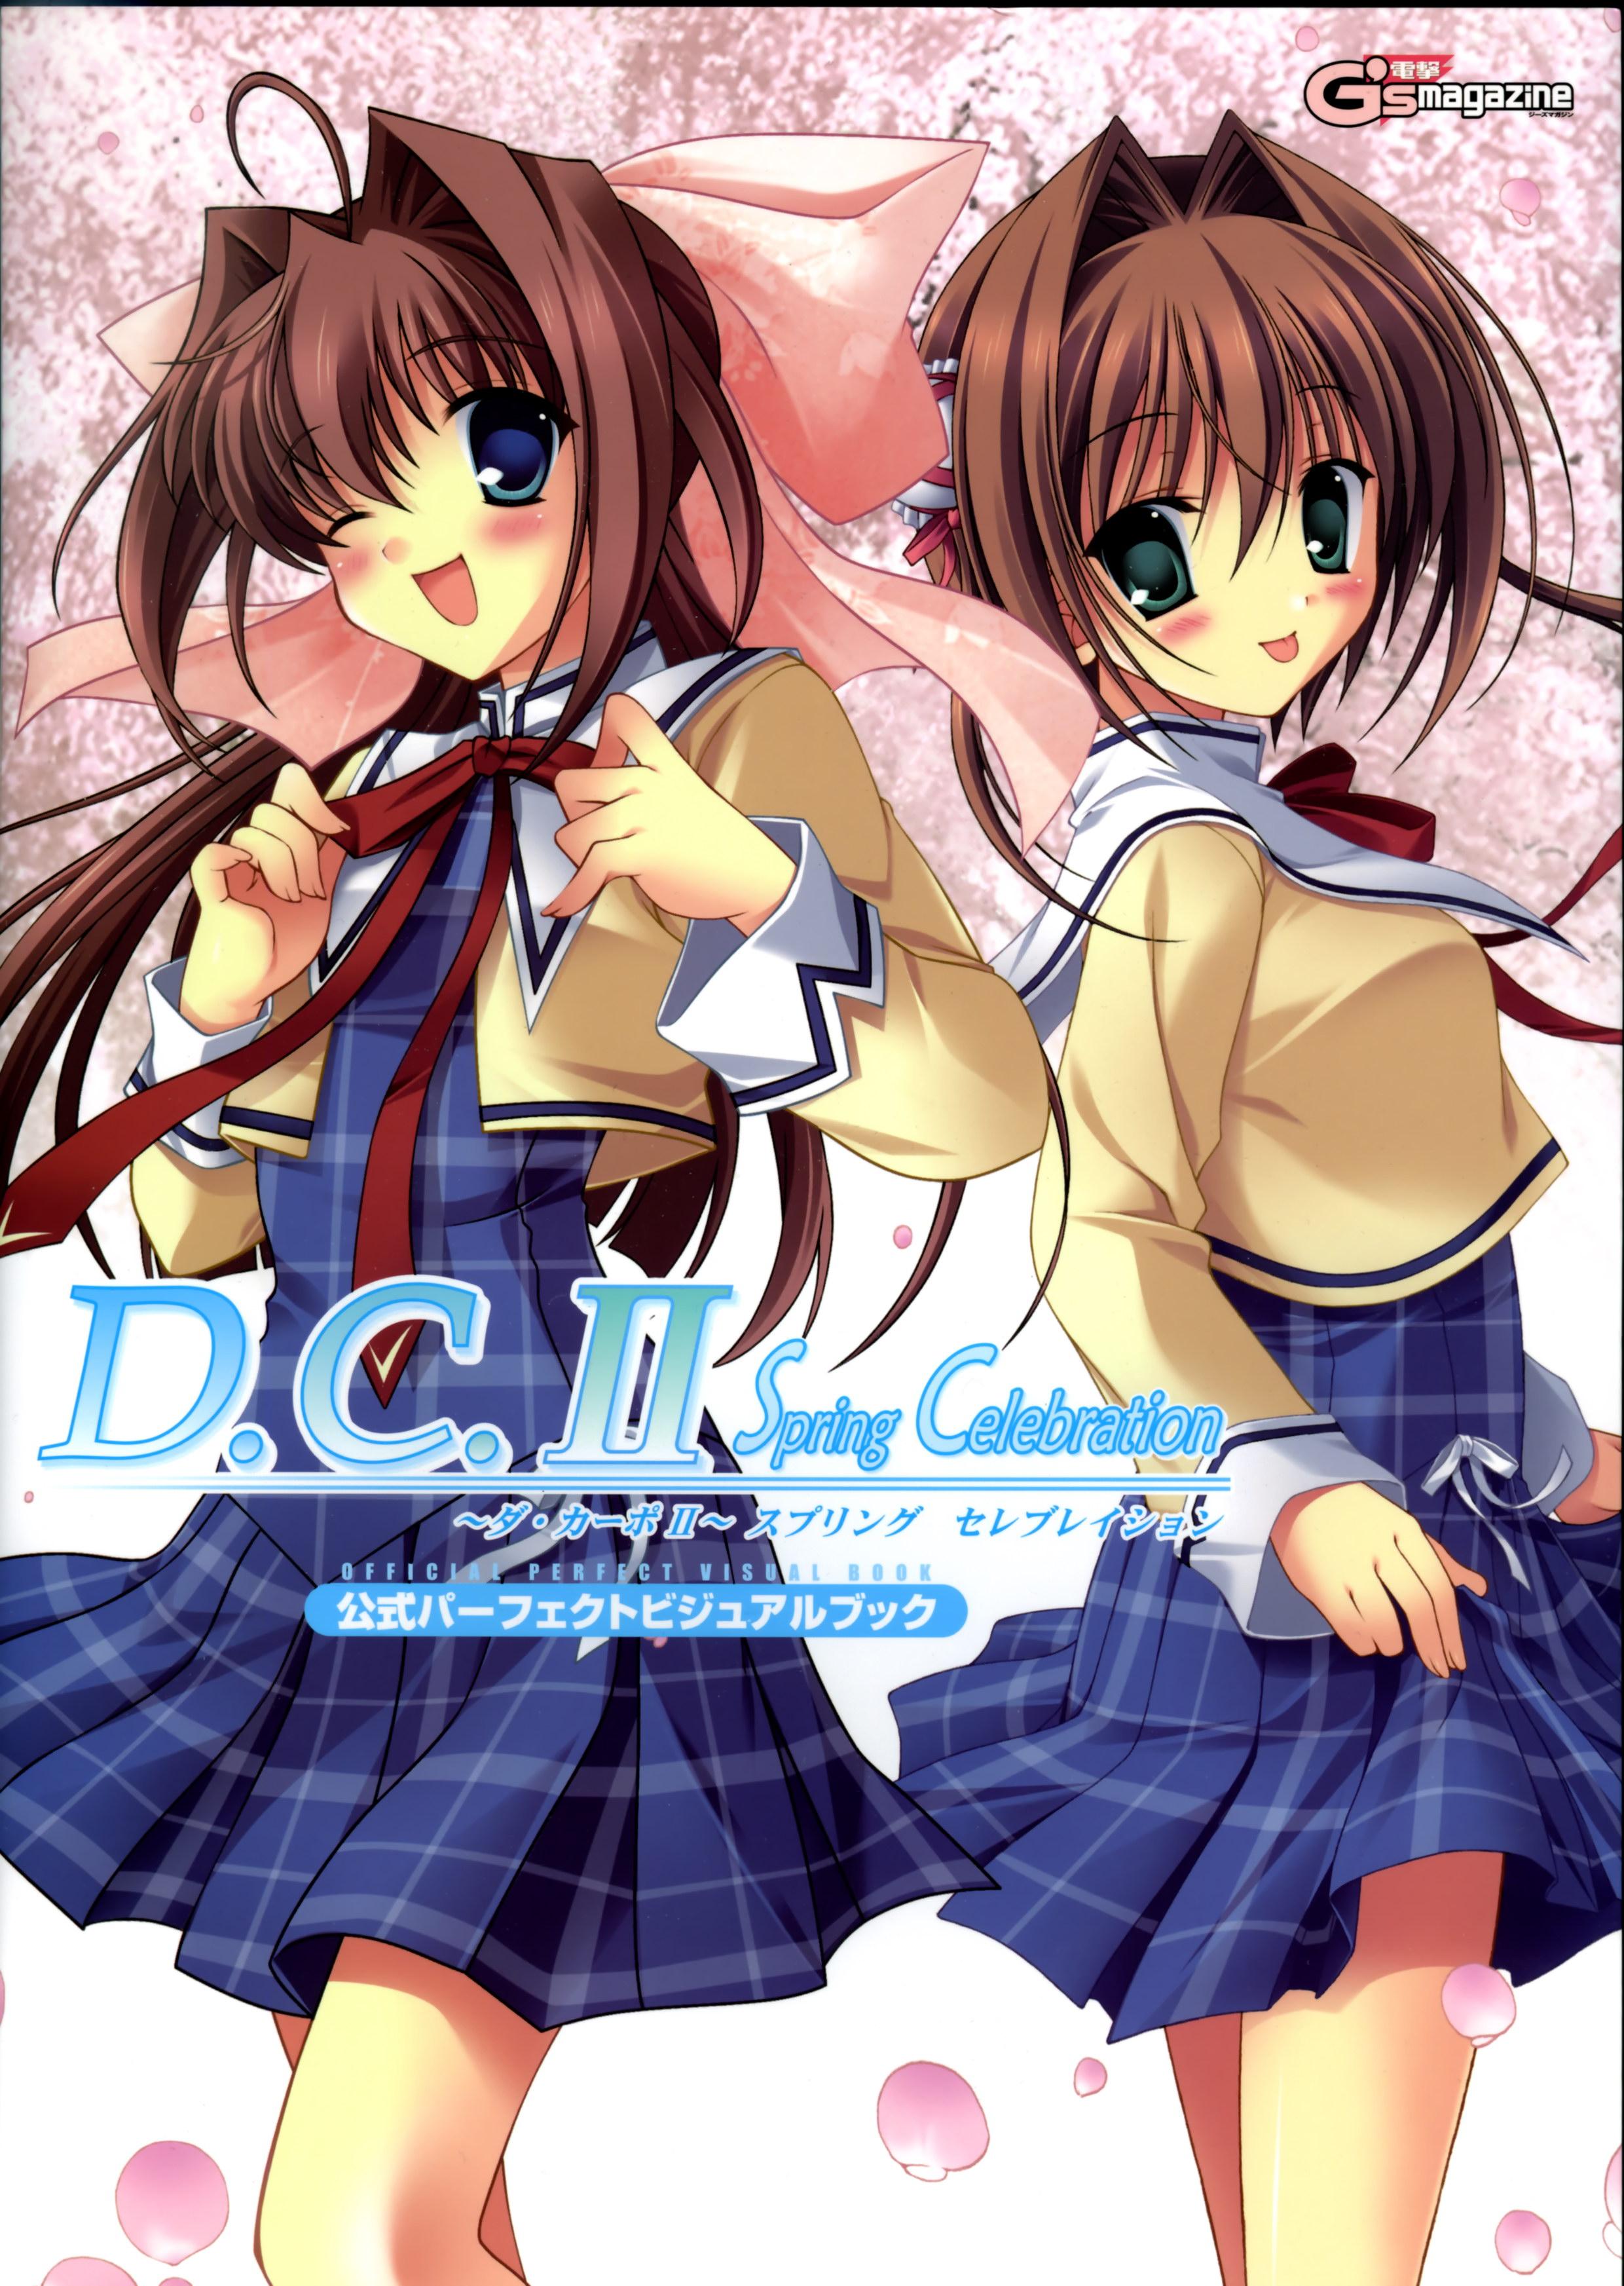 【分享】初音岛(D.C.)系列(包括D.C.III RX初音岛3) 汉化硬盘版游戏 48ff7f19fa059bb9bb83546cb2b24cf468447aeb